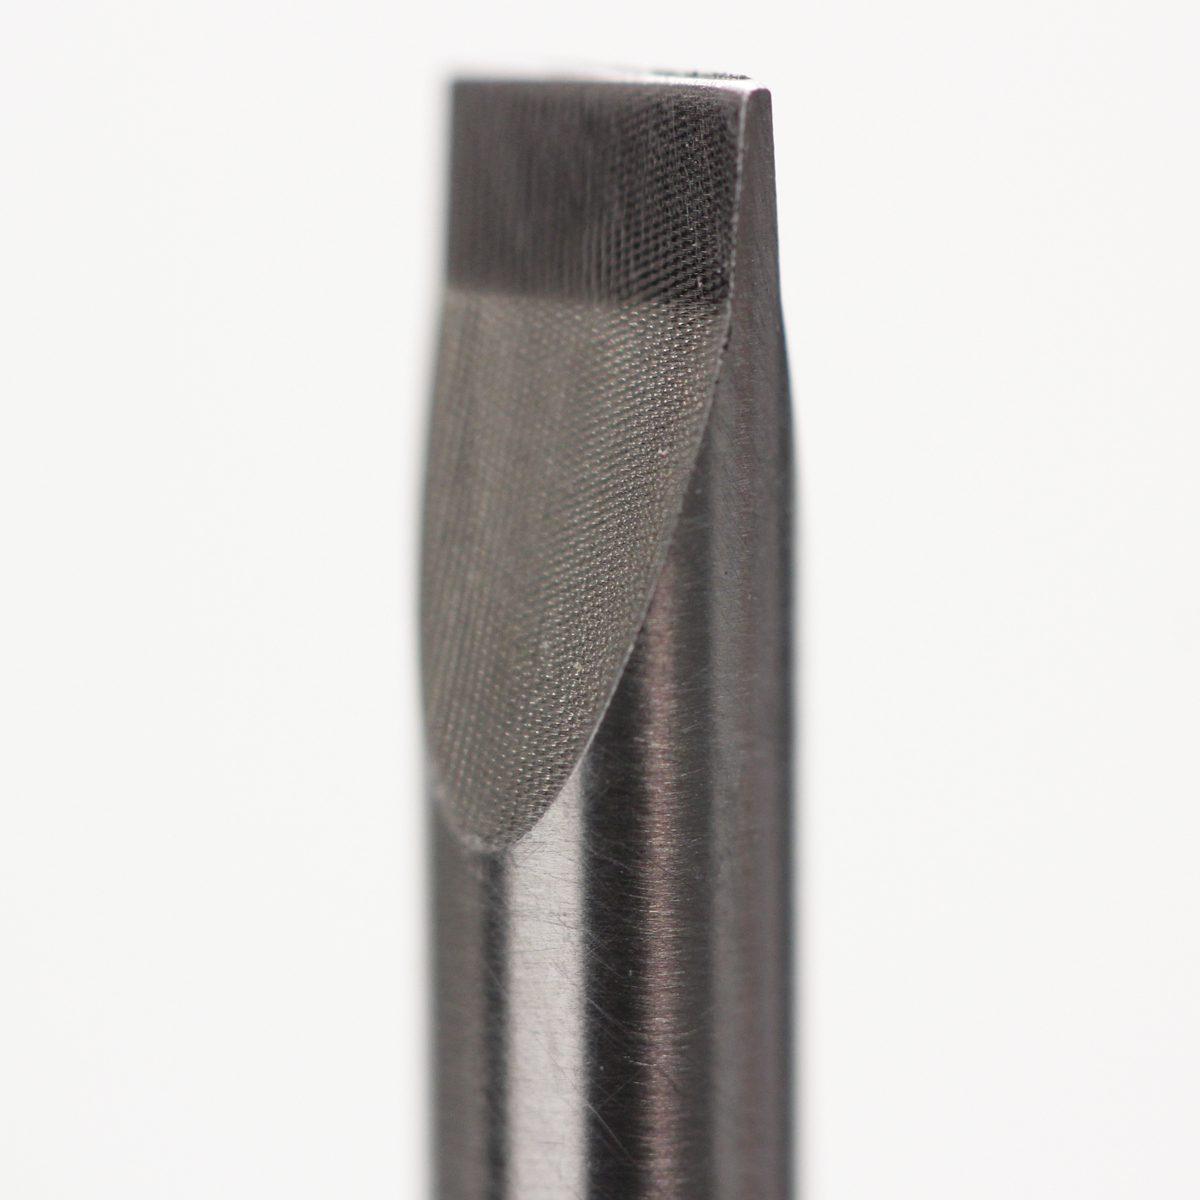 jls versa grip gold screwdriver blade 156 x 9 5